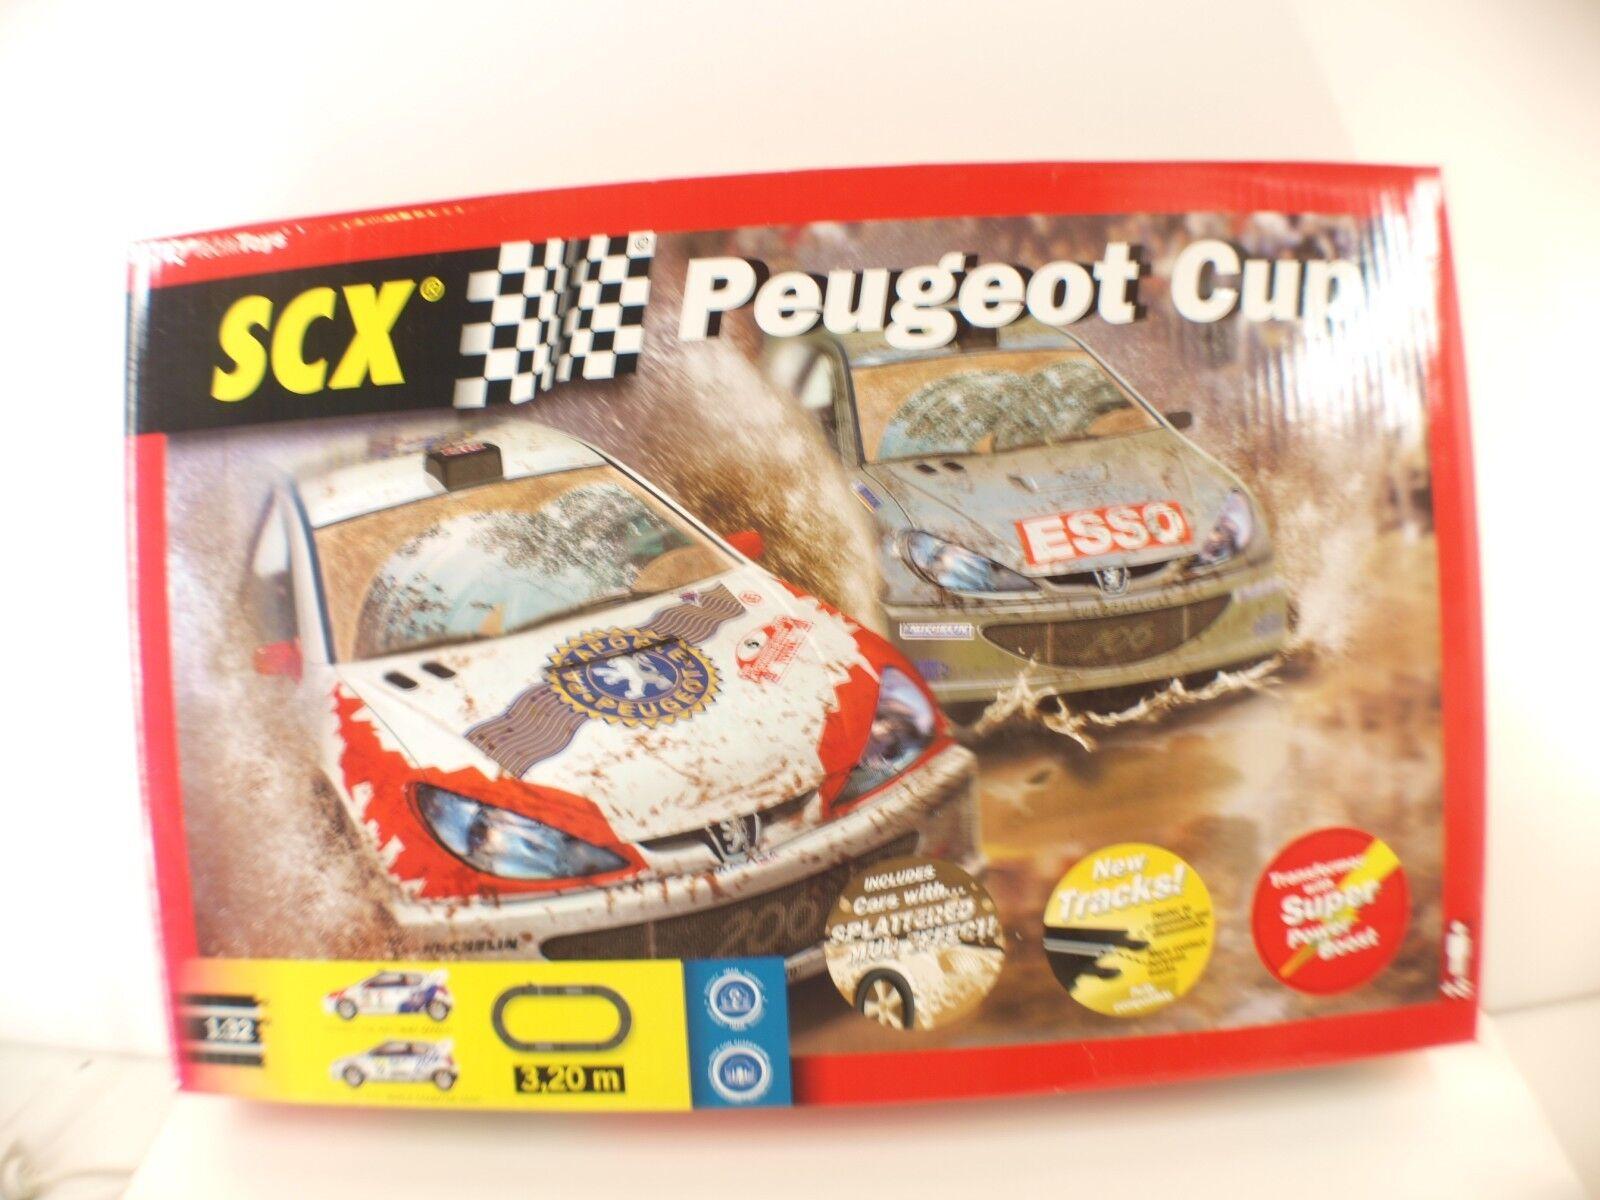 Technitoys Scx - Circuito Peugeot Cup- 206 WRC 1  3 2-2000 - Nunca Abierto